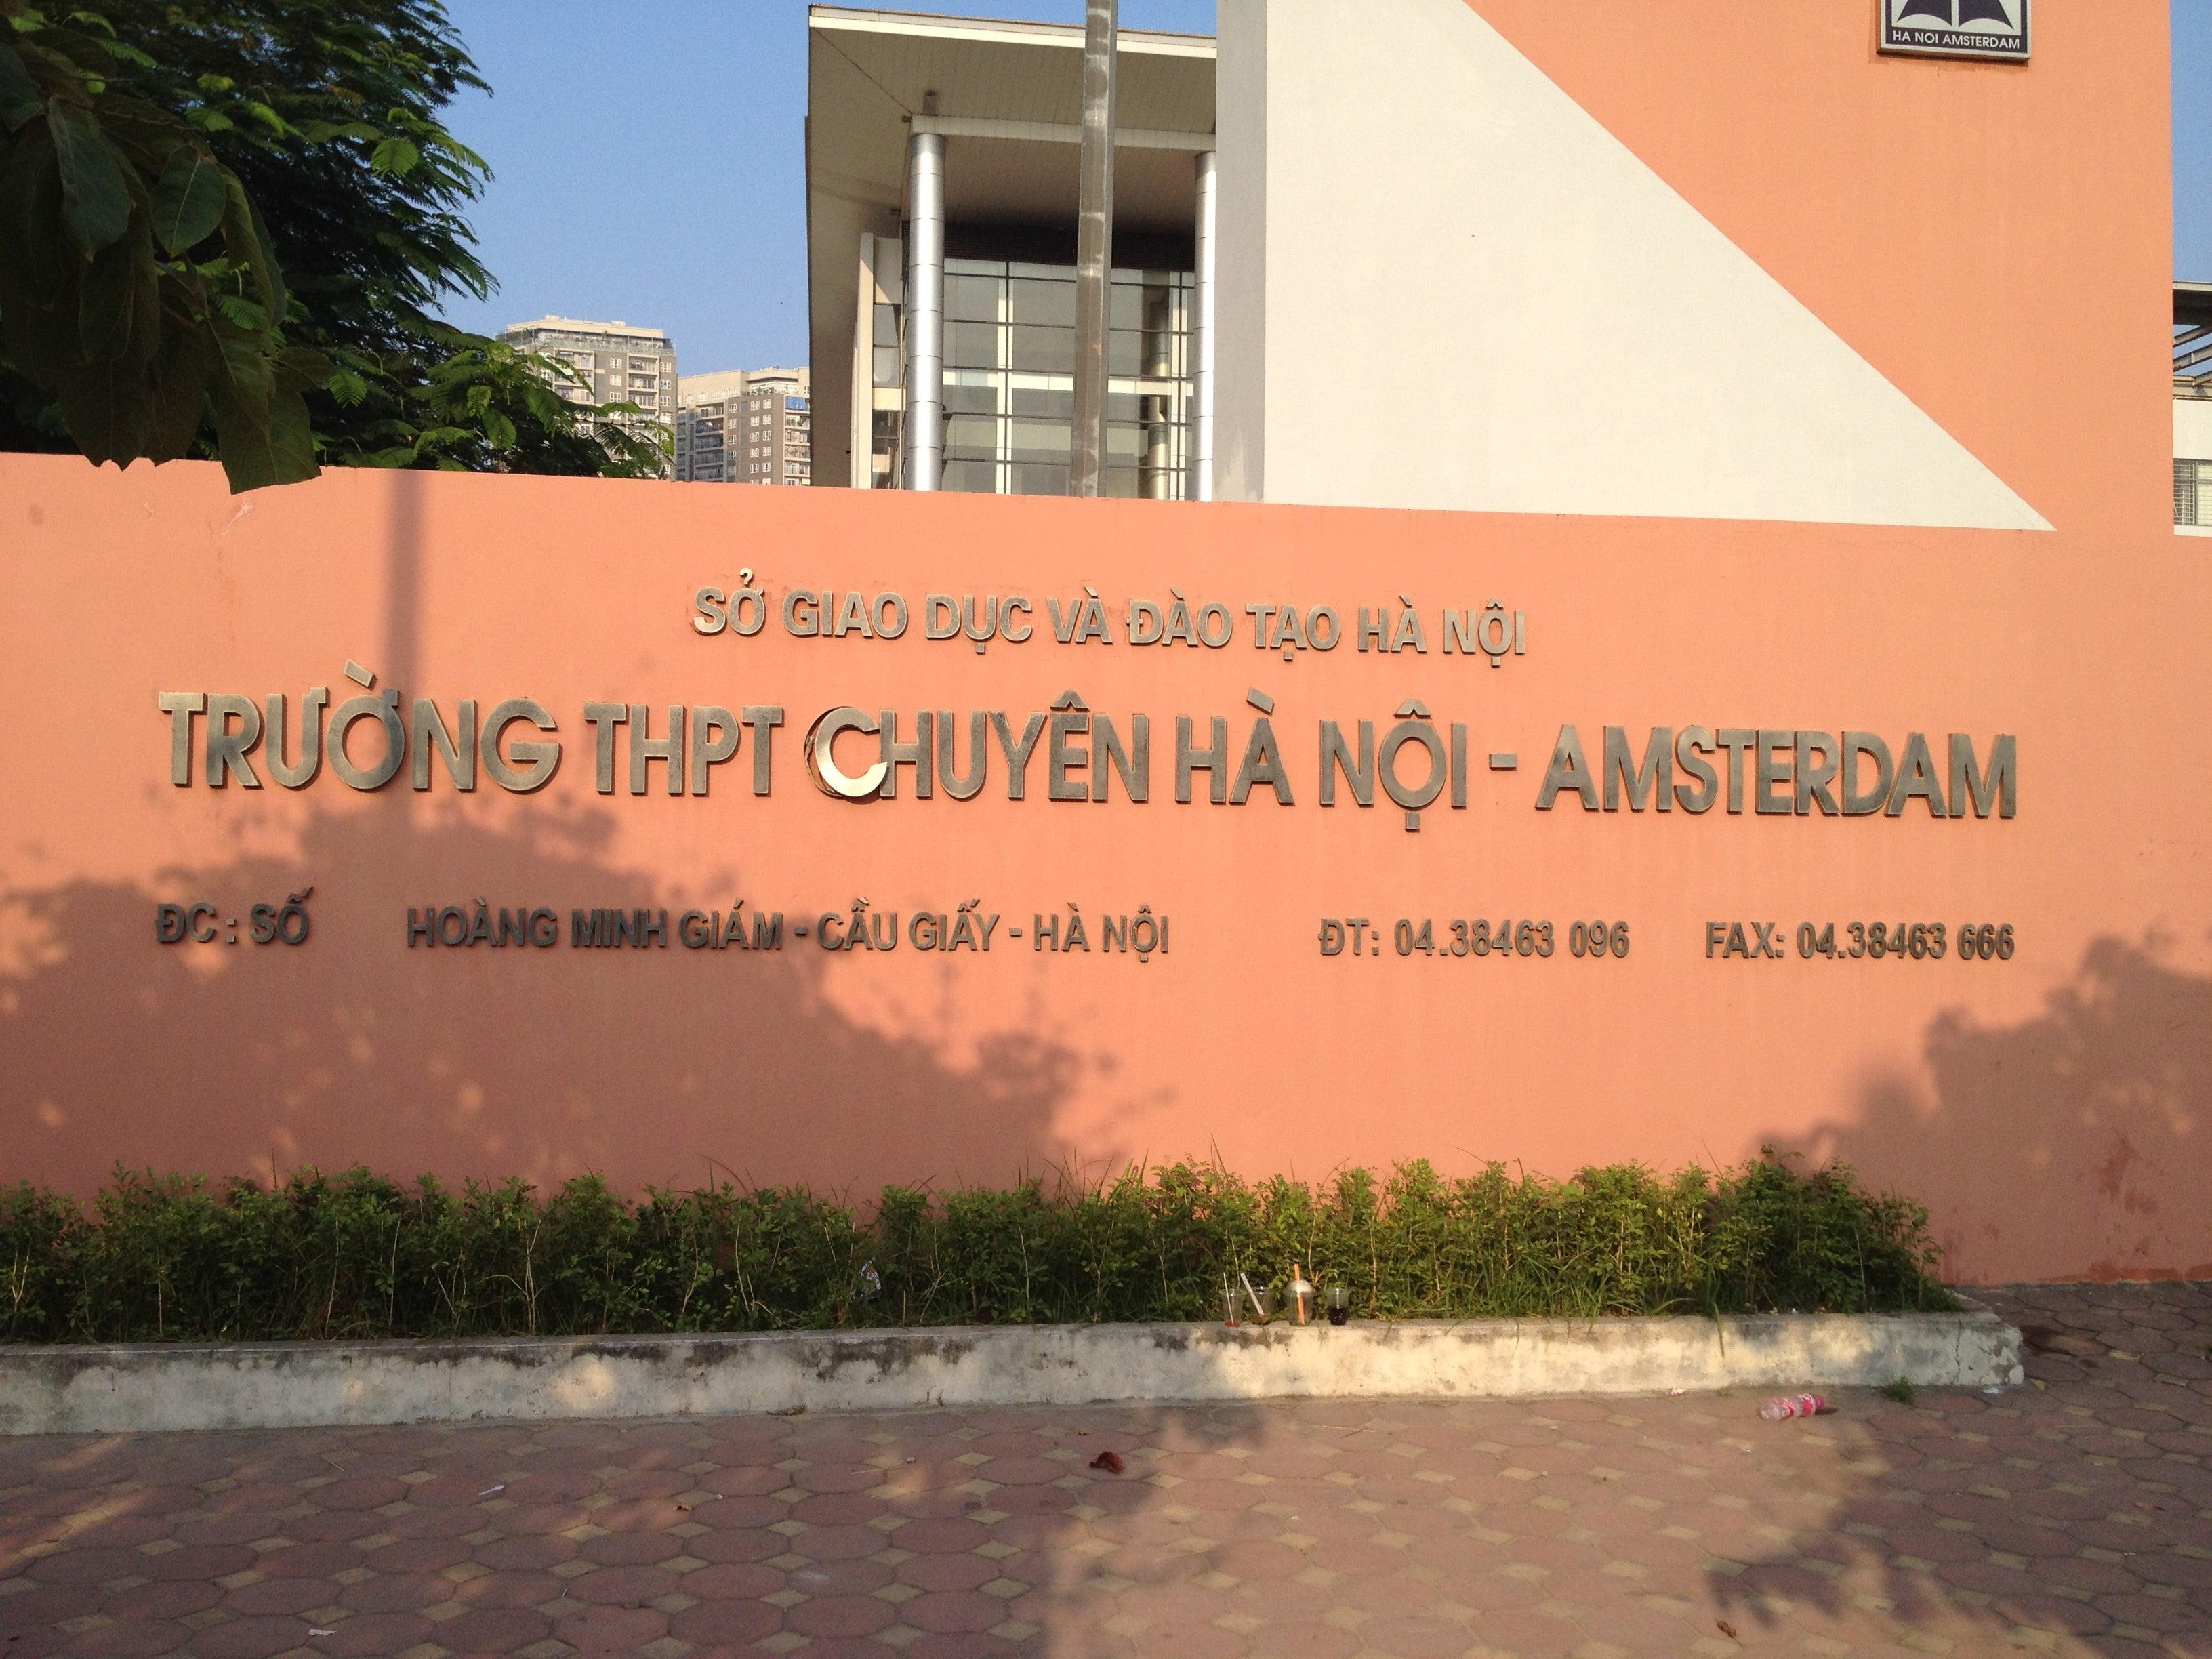 THPT Chuyên Hà Nội - Amsterdam